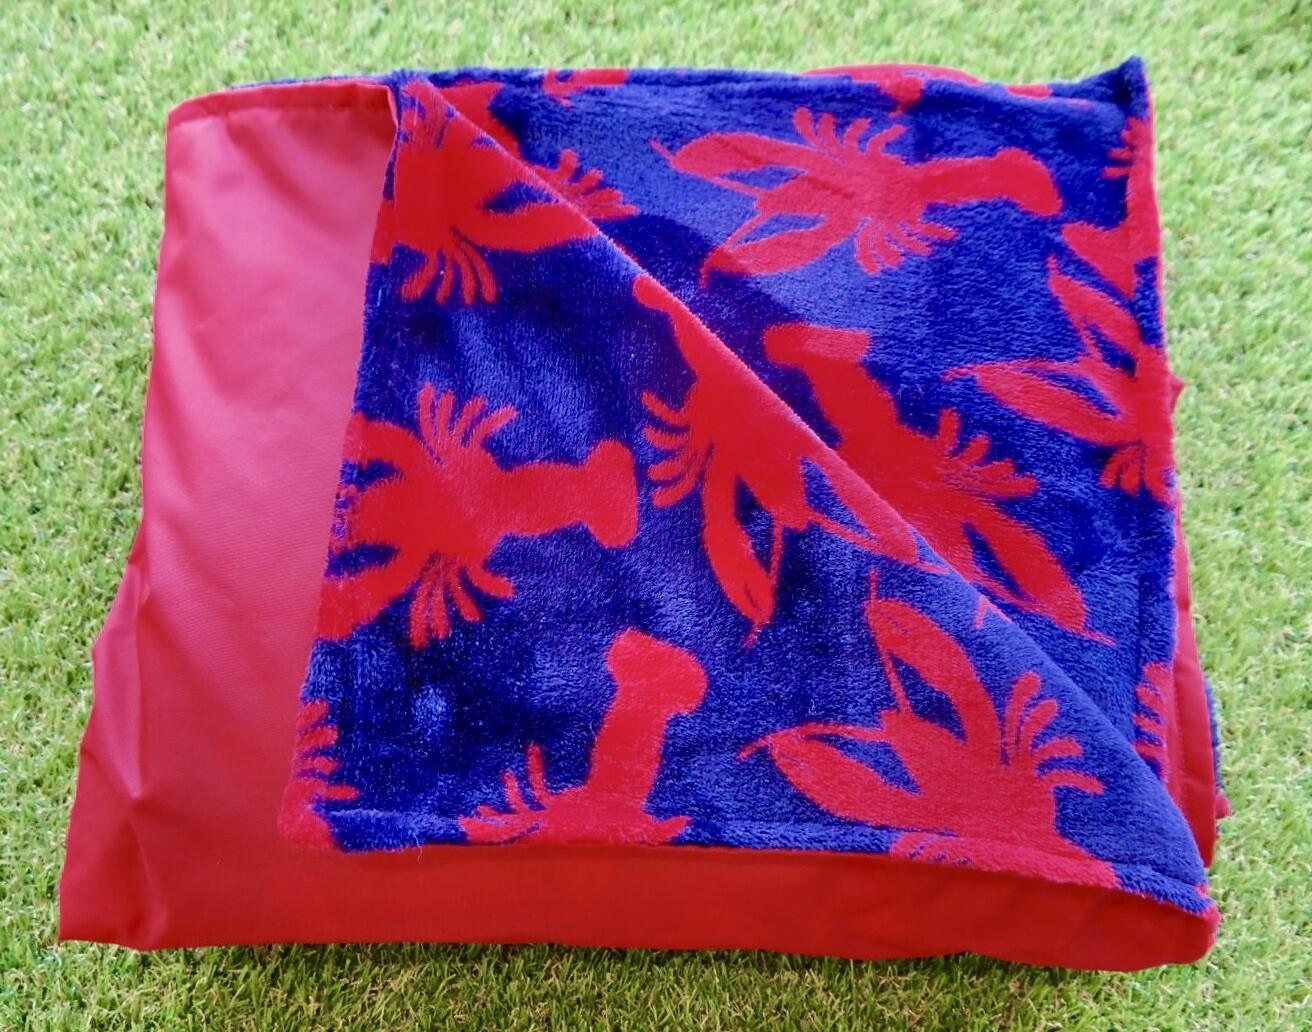 Pitt Patt Blanket 1F- Red/Lobster